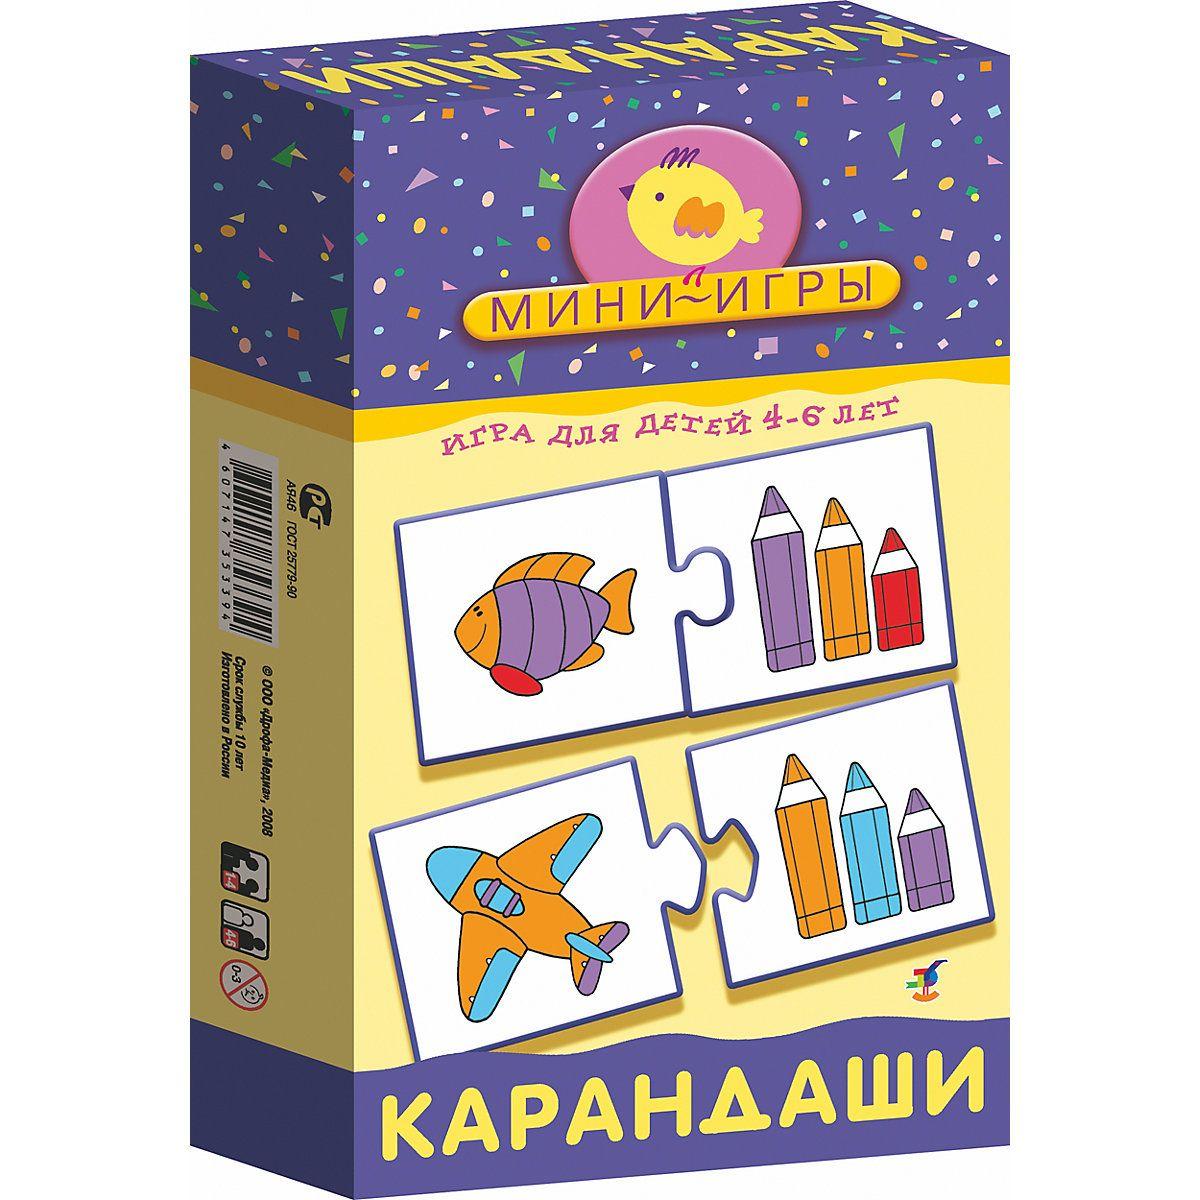 Карандаш игра цвета эйвон официальный сайт россия для представителей